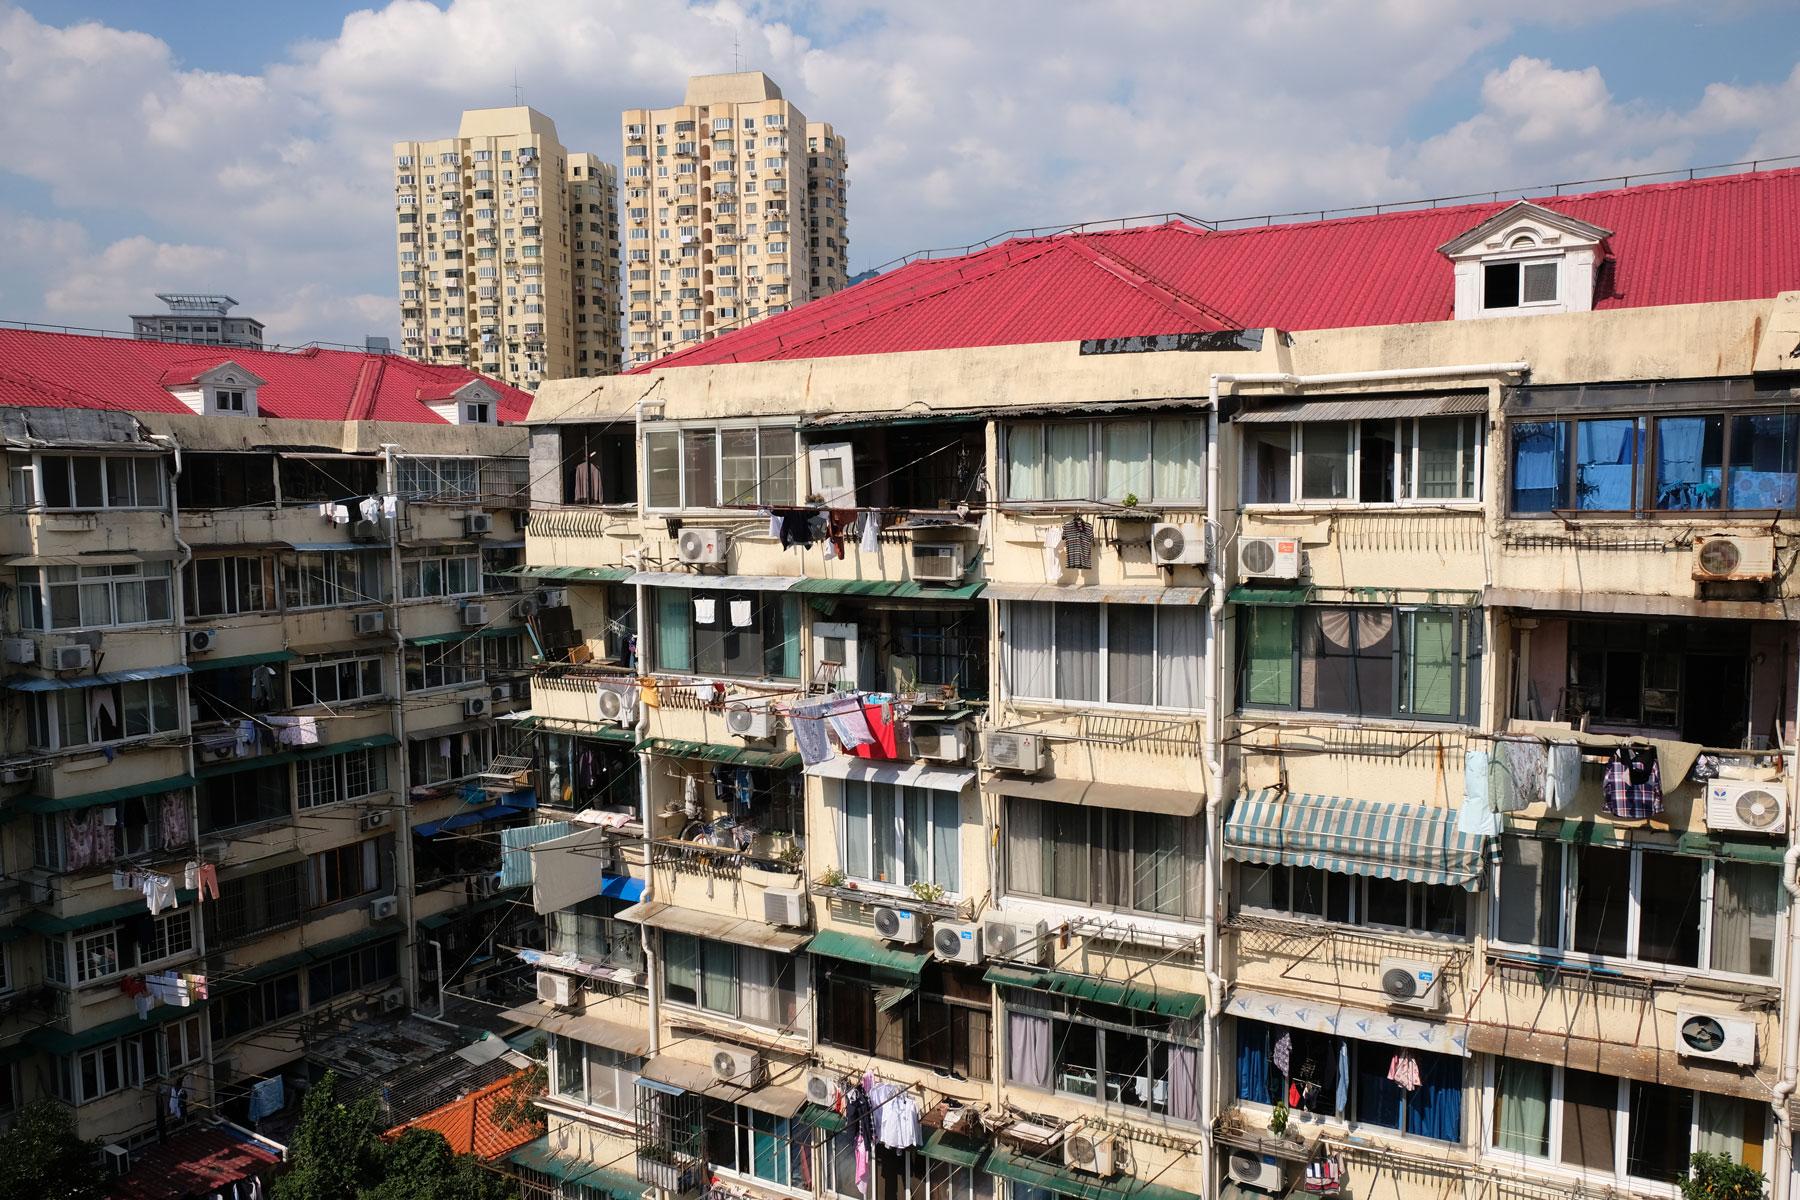 In einer typischen älteren Wohnanlage Shanghais wohnen unsere Couchsurfing-Gastgeber Hailey und Narayan.